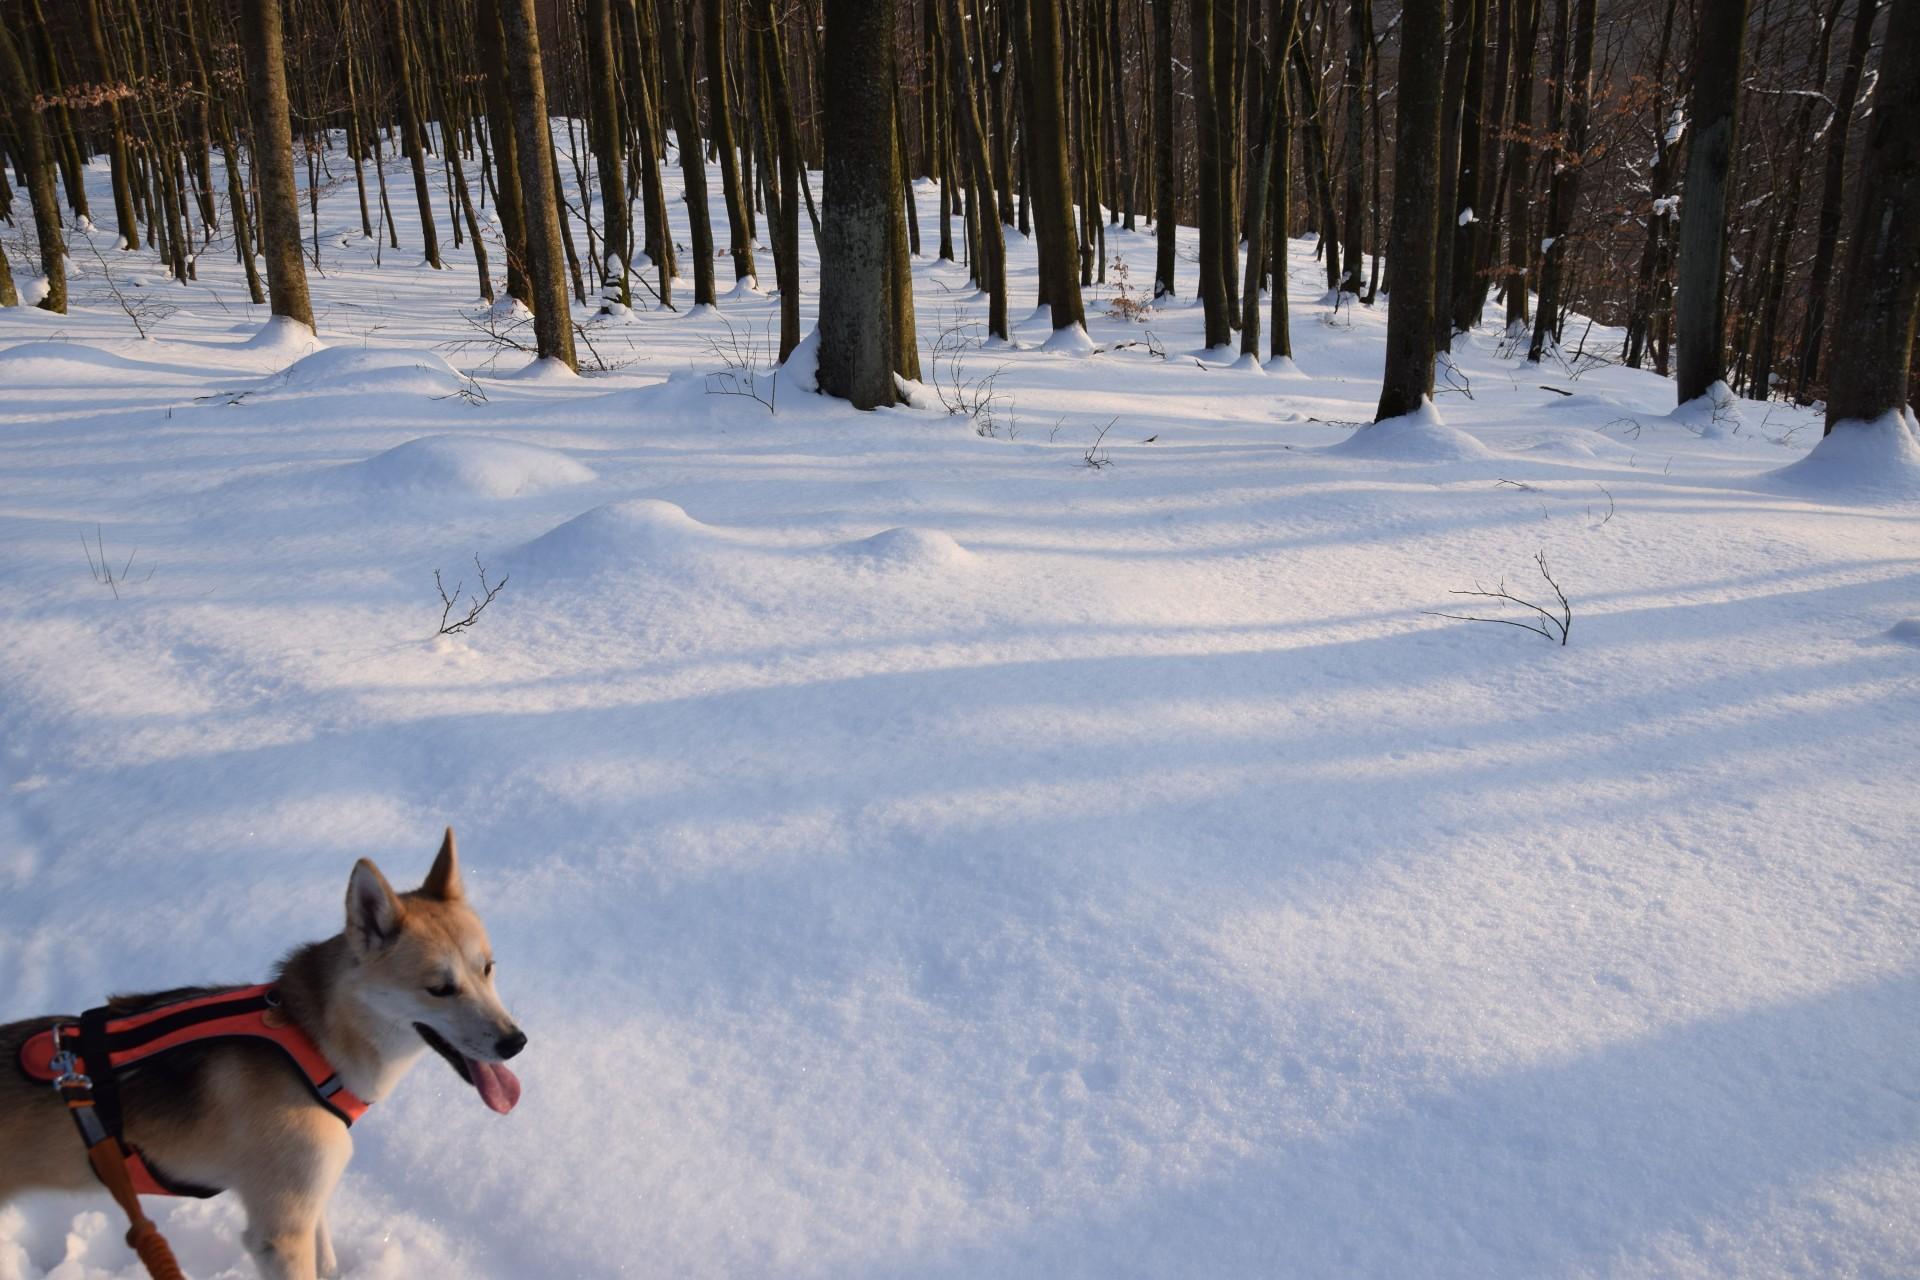 Lasy Mirachowskie zimą czyli Buschcraft w wersji light 19